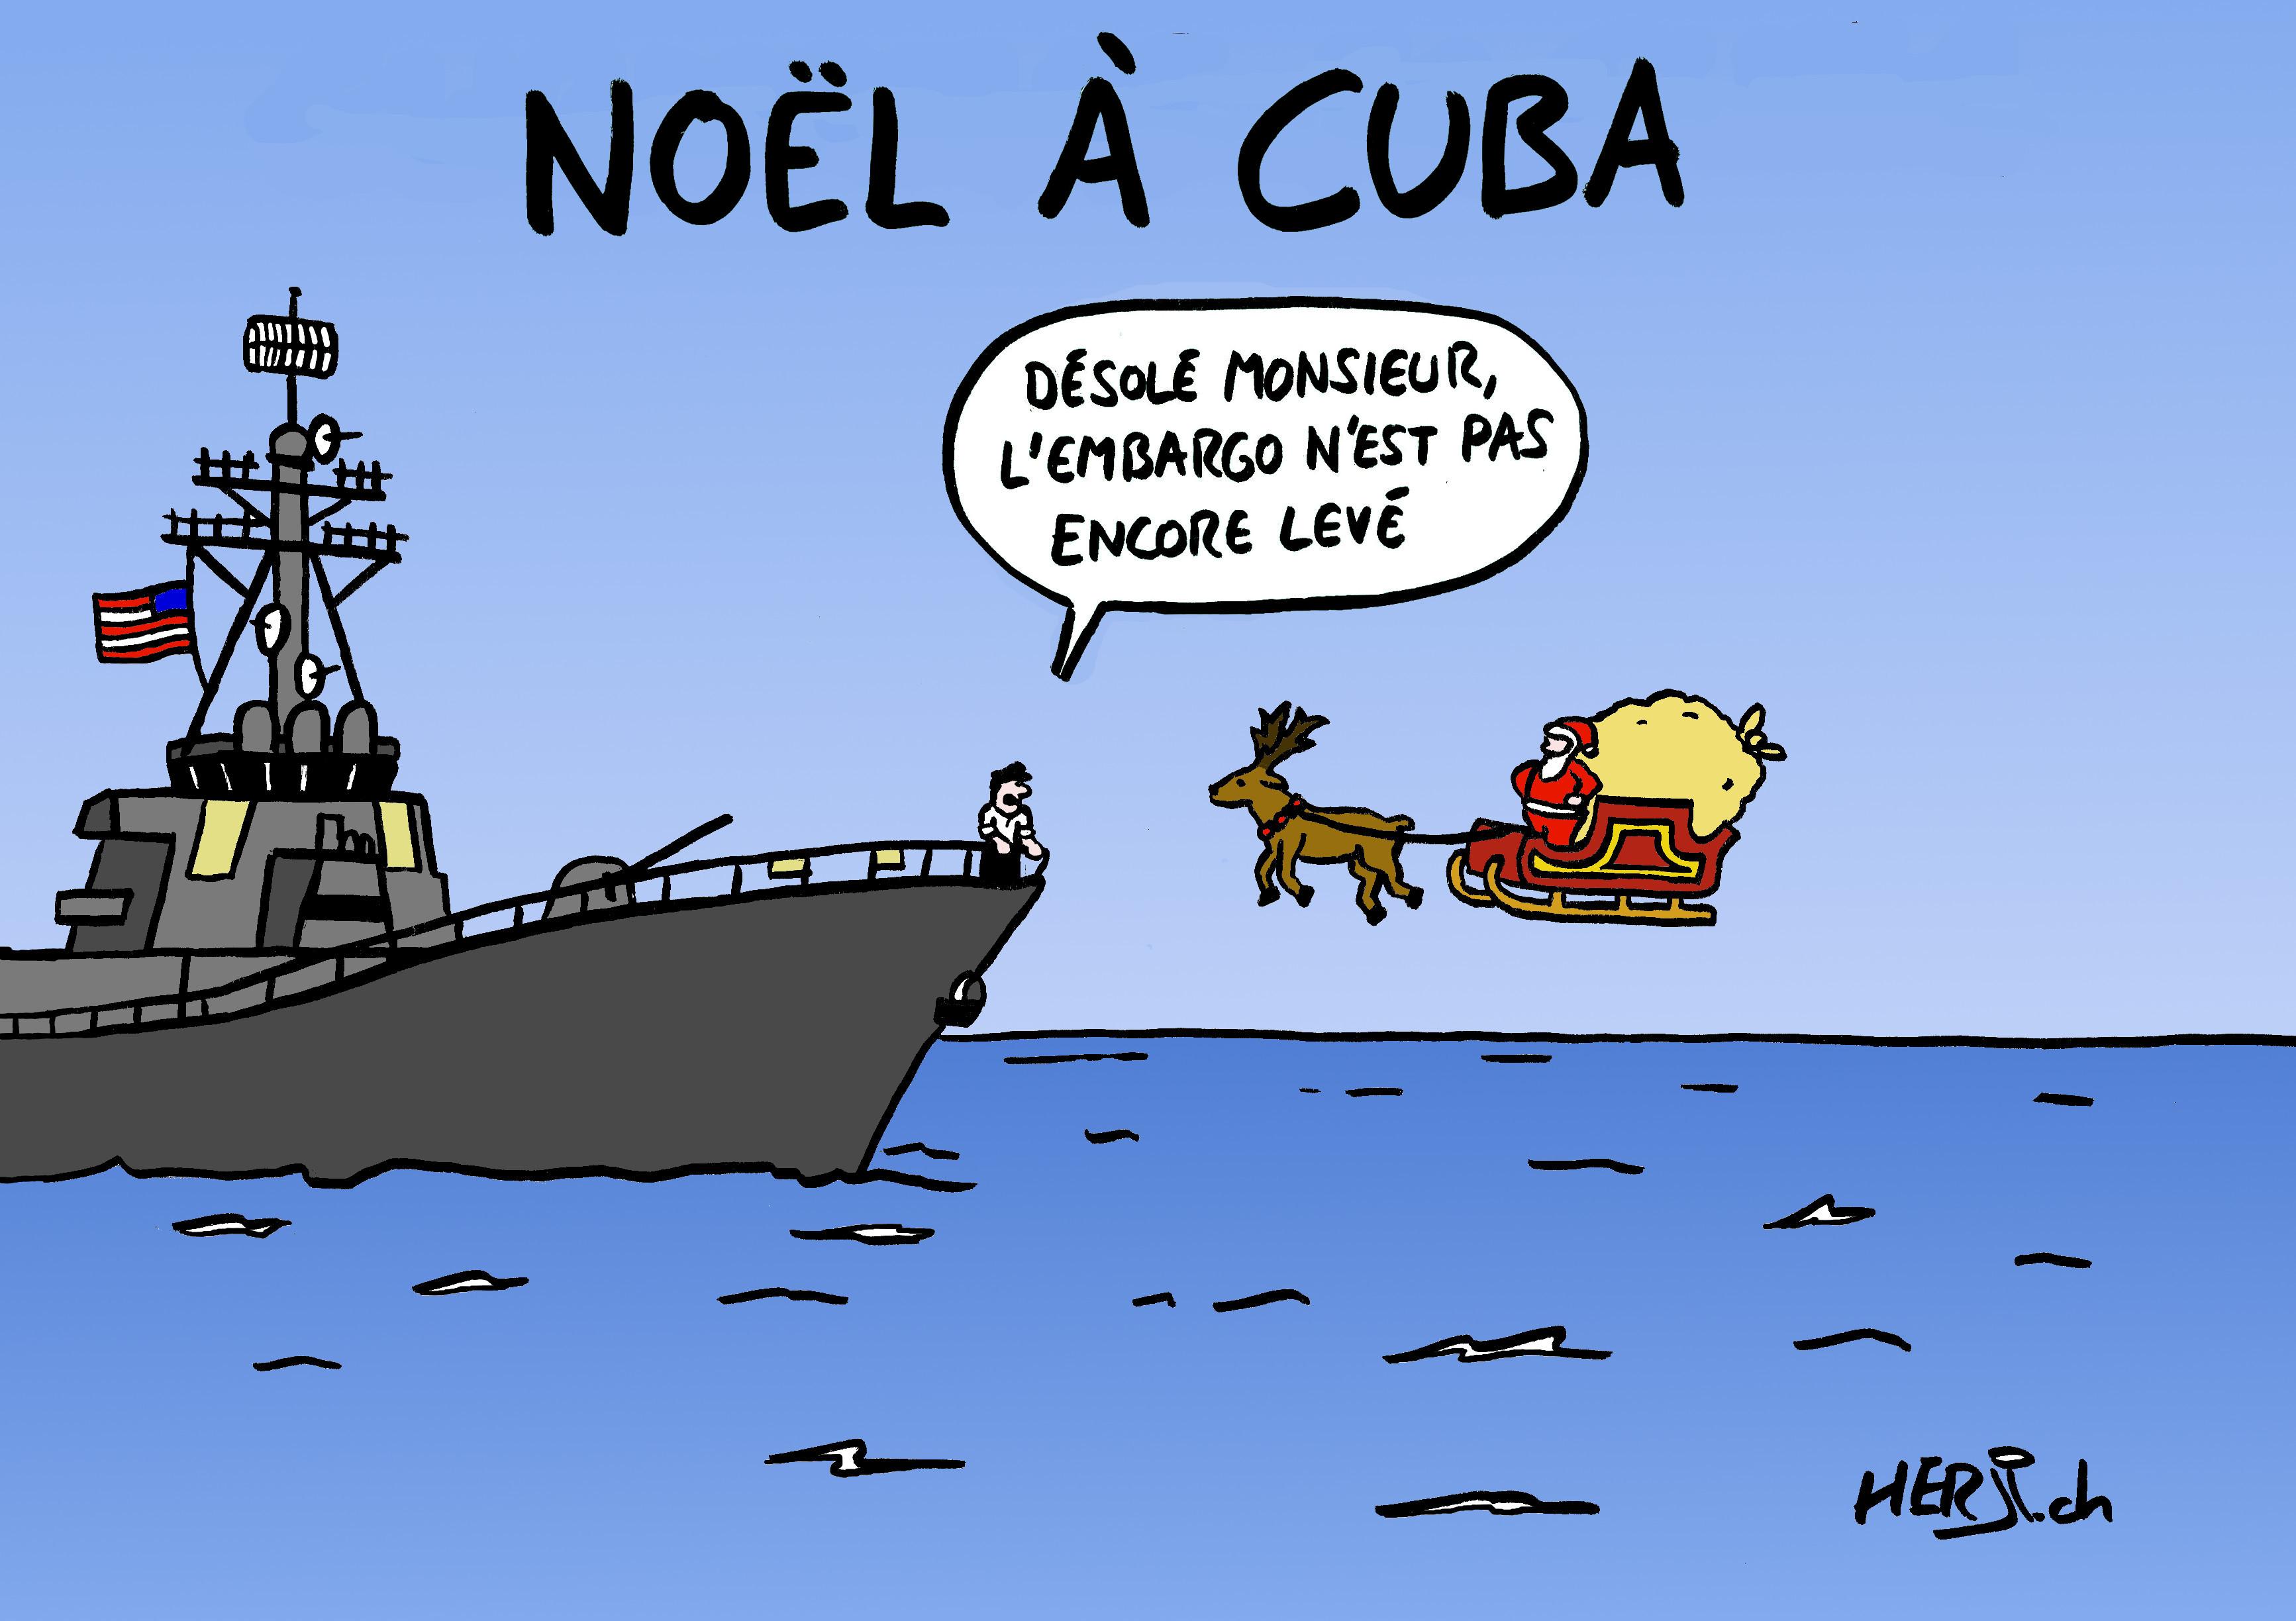 Noël à Cuba